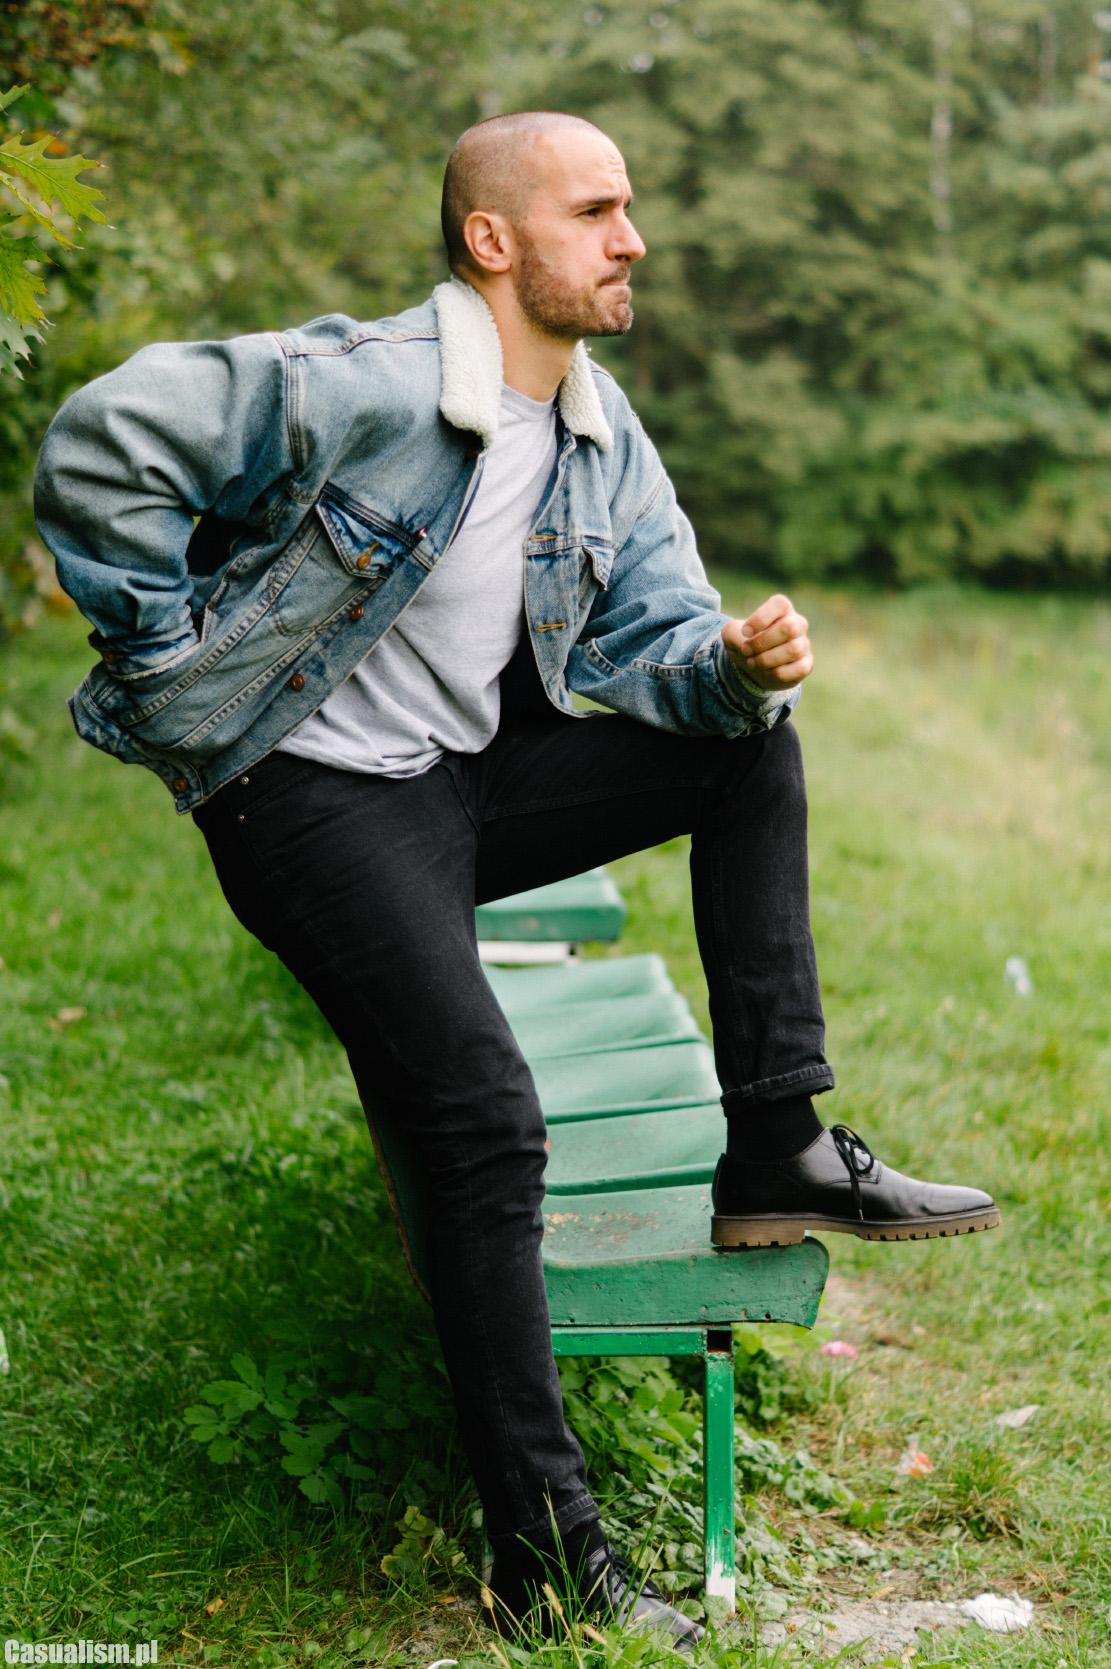 kurtka jeansowa dla faceta, meska kurtka jeansowa, kurtka jeansowa z kozuchem, kurtka jeansowa kozuszek, kurtka jeans dla mezczyzny